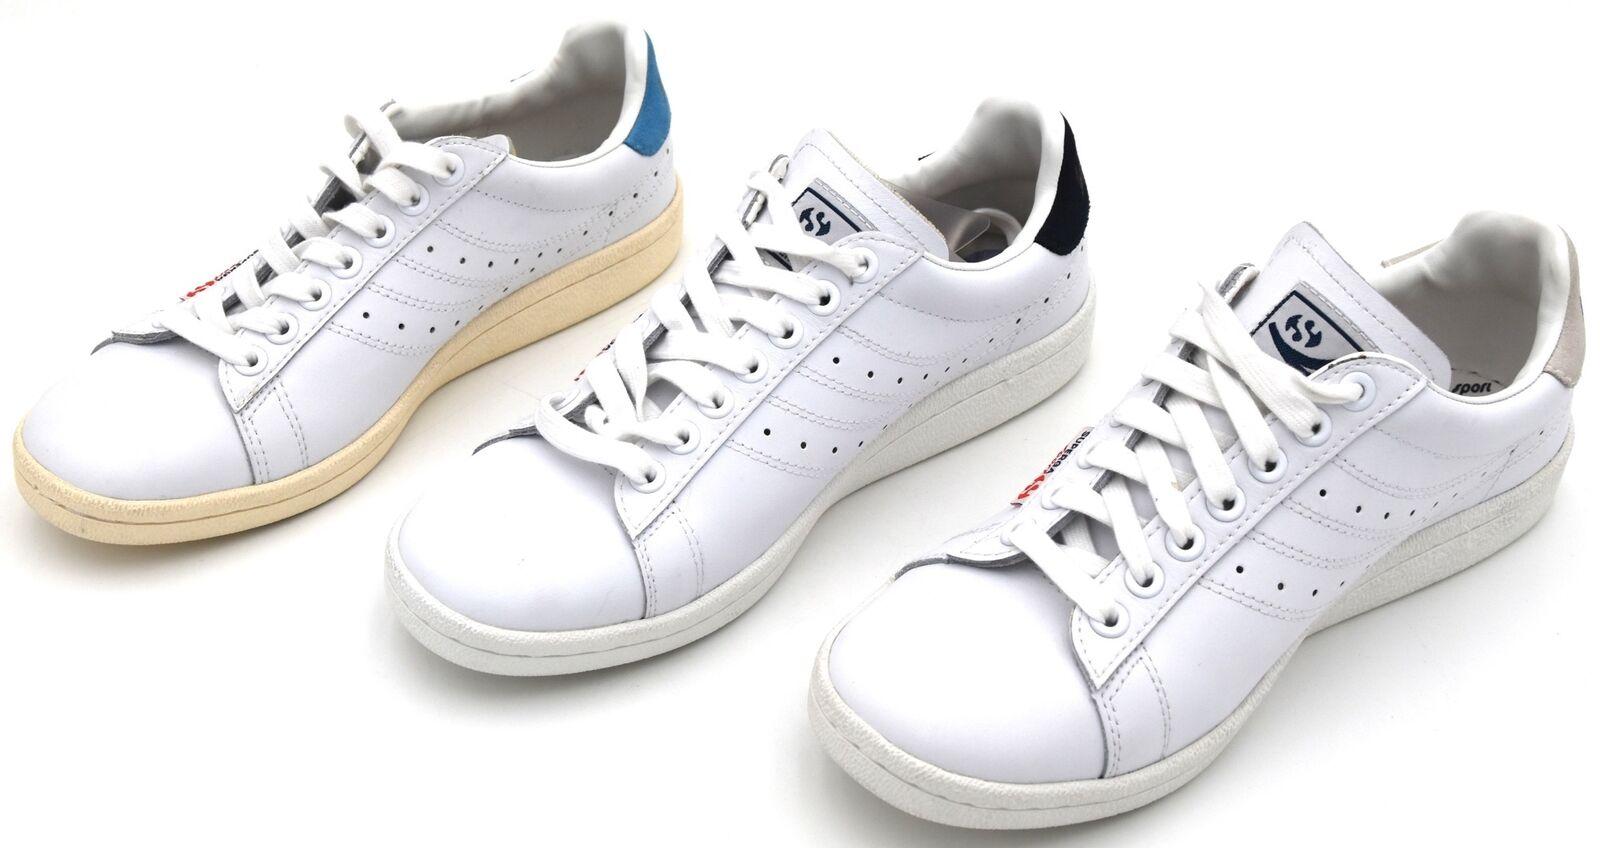 risparmia fino al 50% SUPERGA SPORT UOMO DONNA UNISEX UNISEX UNISEX SCARPA scarpe da ginnastica CASUAL ART. S00C0E0 4832 EFGLU  promozioni eccitanti